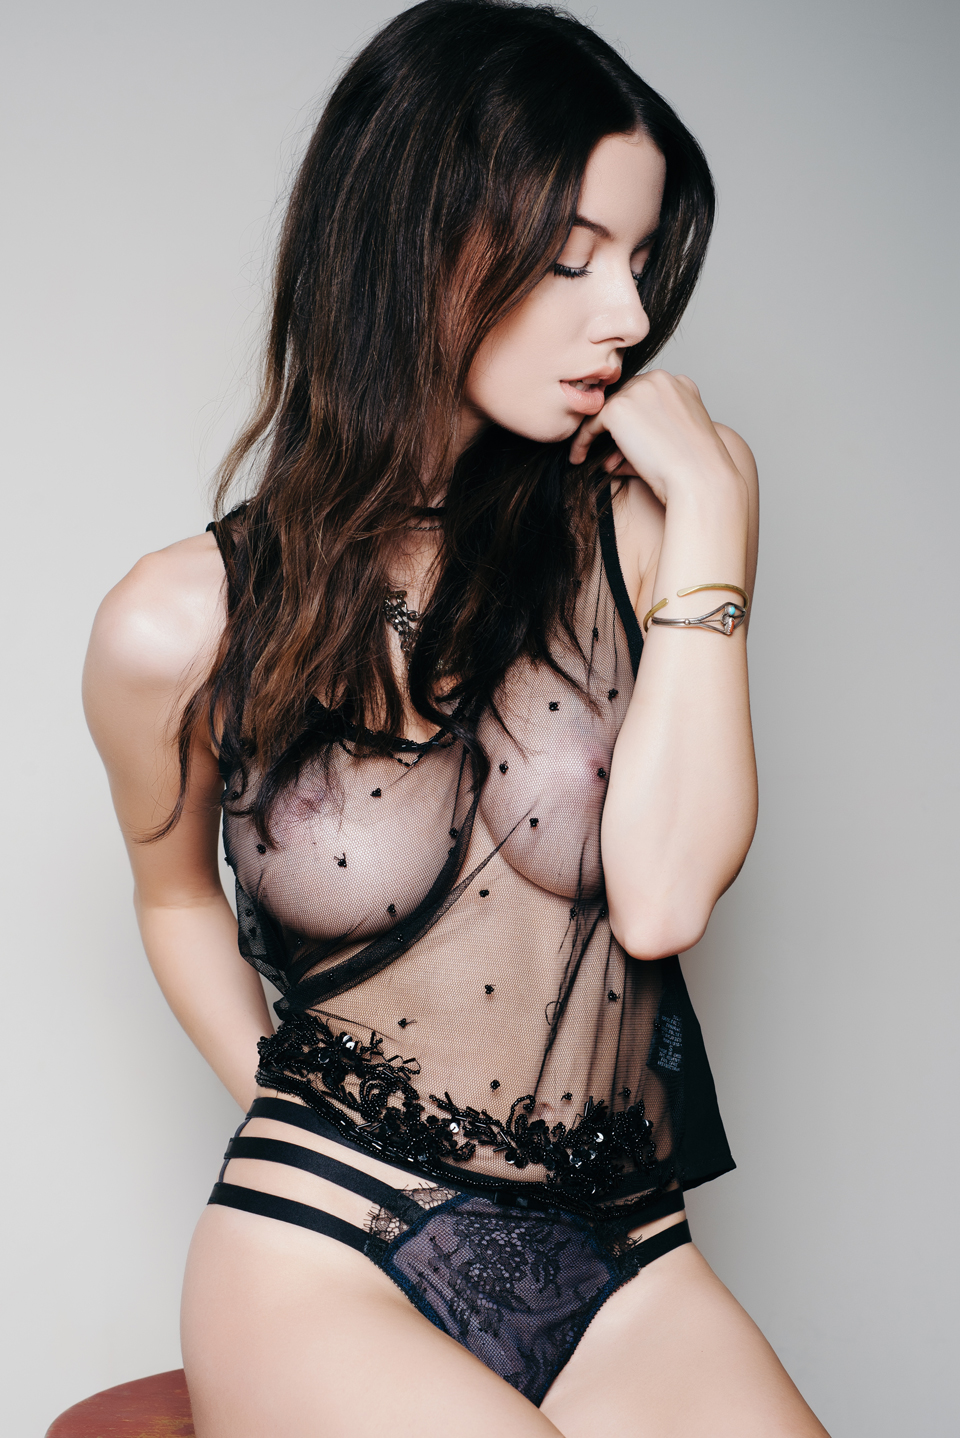 Olivia Rose by Dustin Genereux